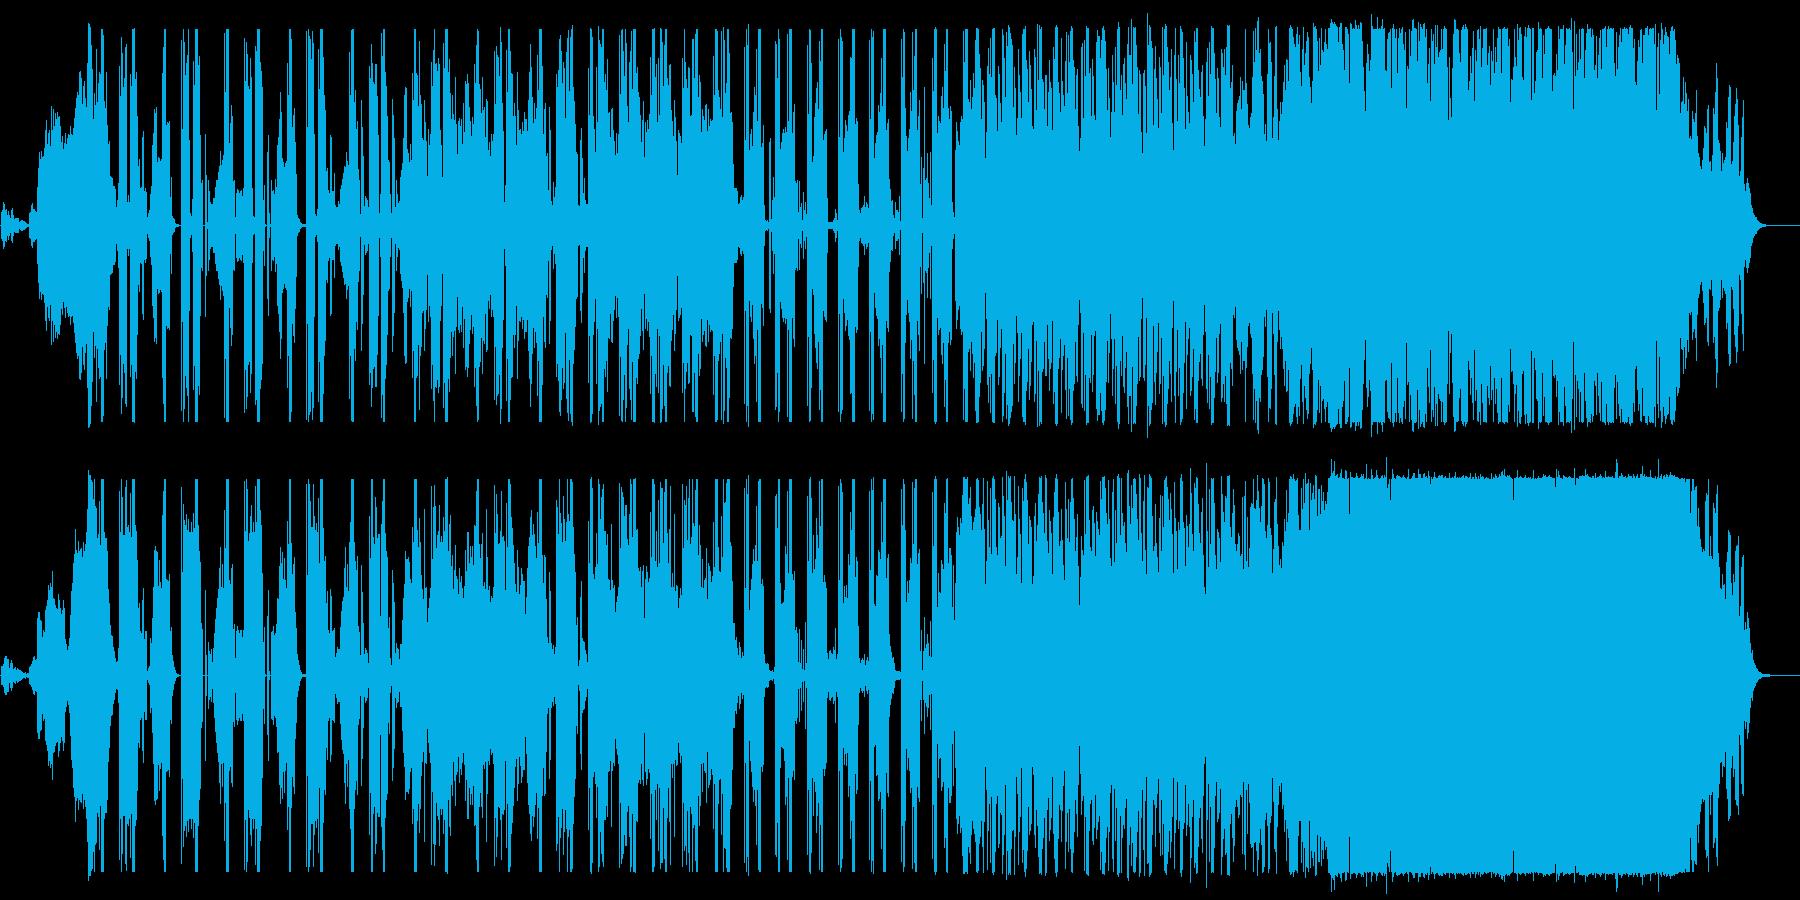 怪しく不気味な雰囲気のエレクトロロックの再生済みの波形